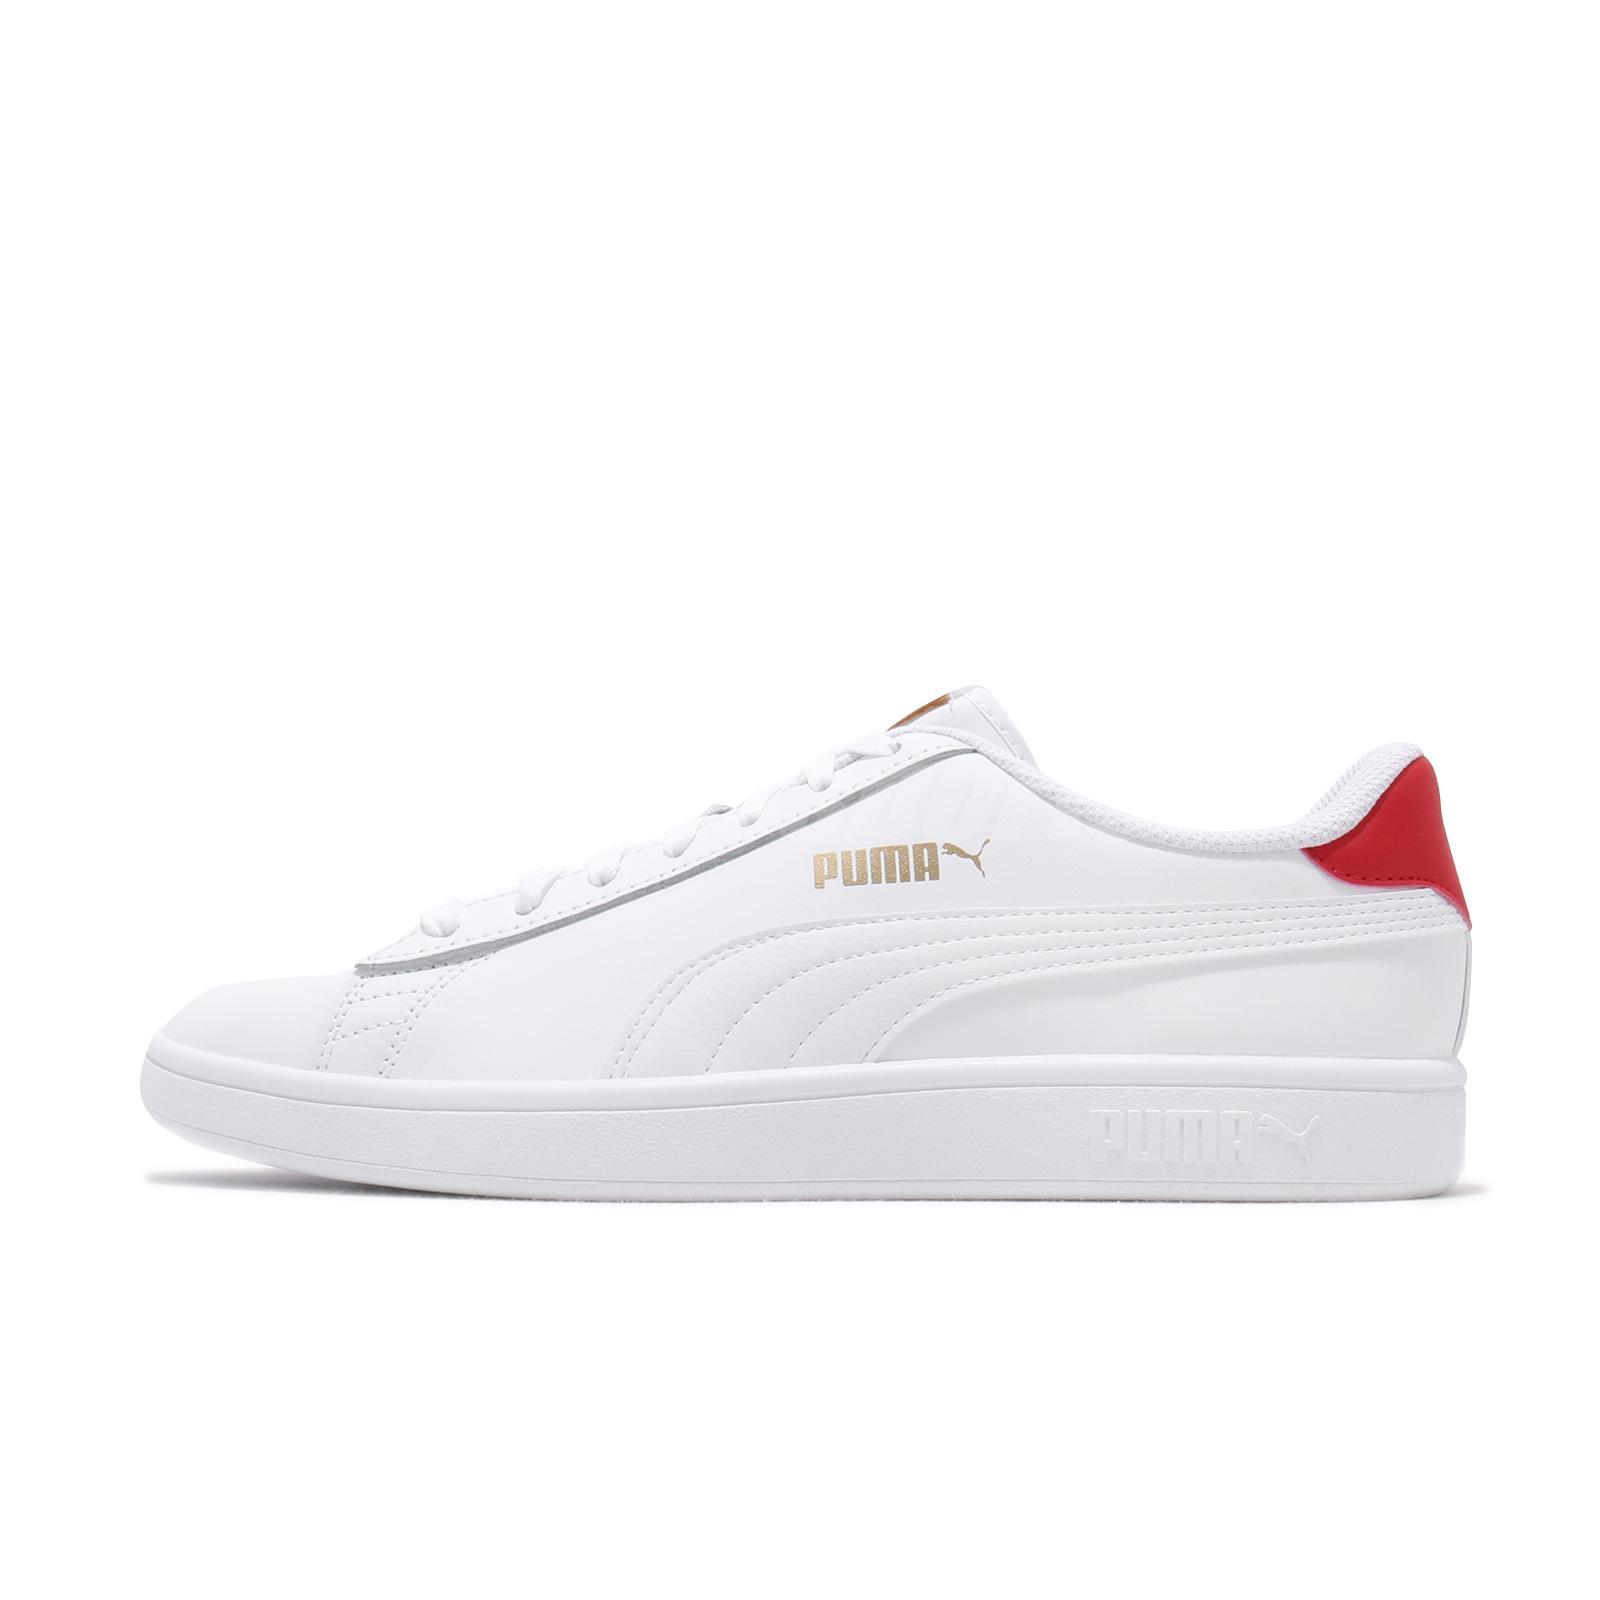 Puma Smash v2 L White Red Gold Men